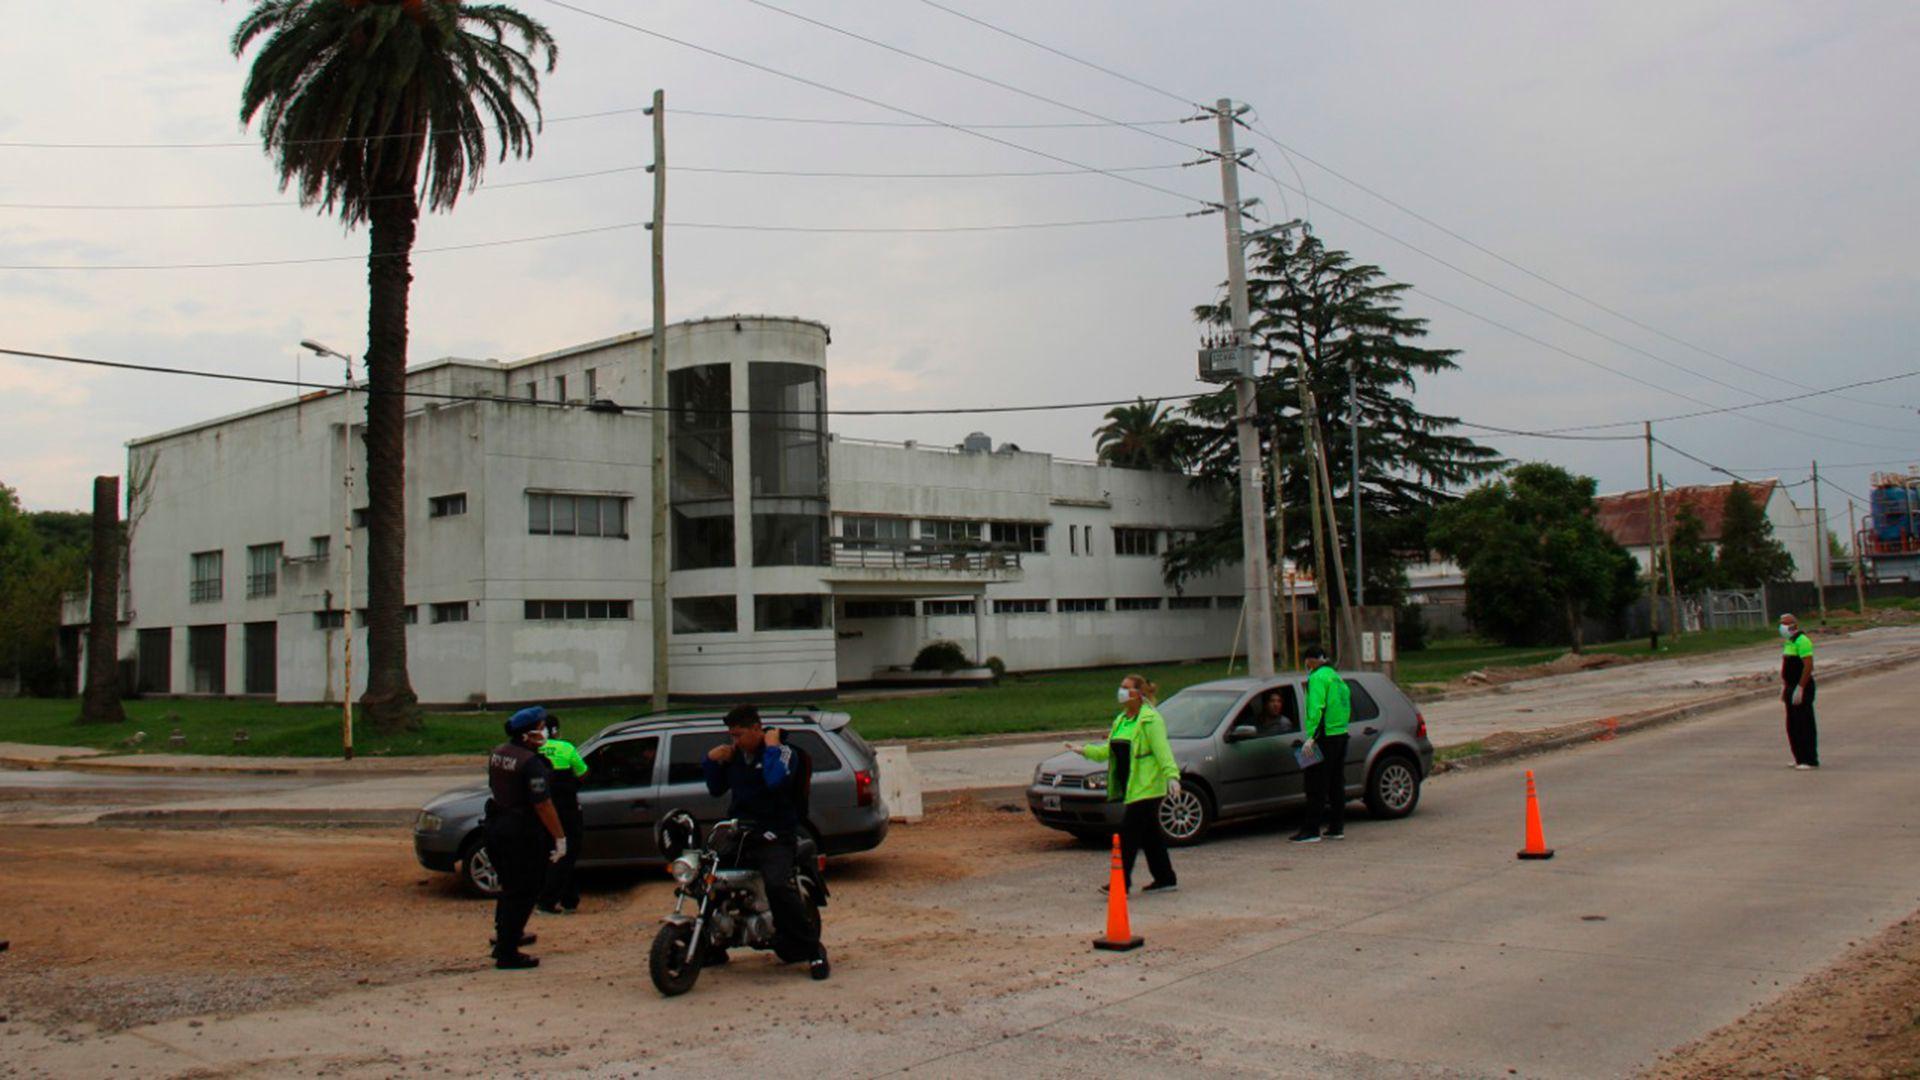 Secco advierte que si la situación epidemiológica se descontrola en el conurbano, los hospitales no van a dar abasto